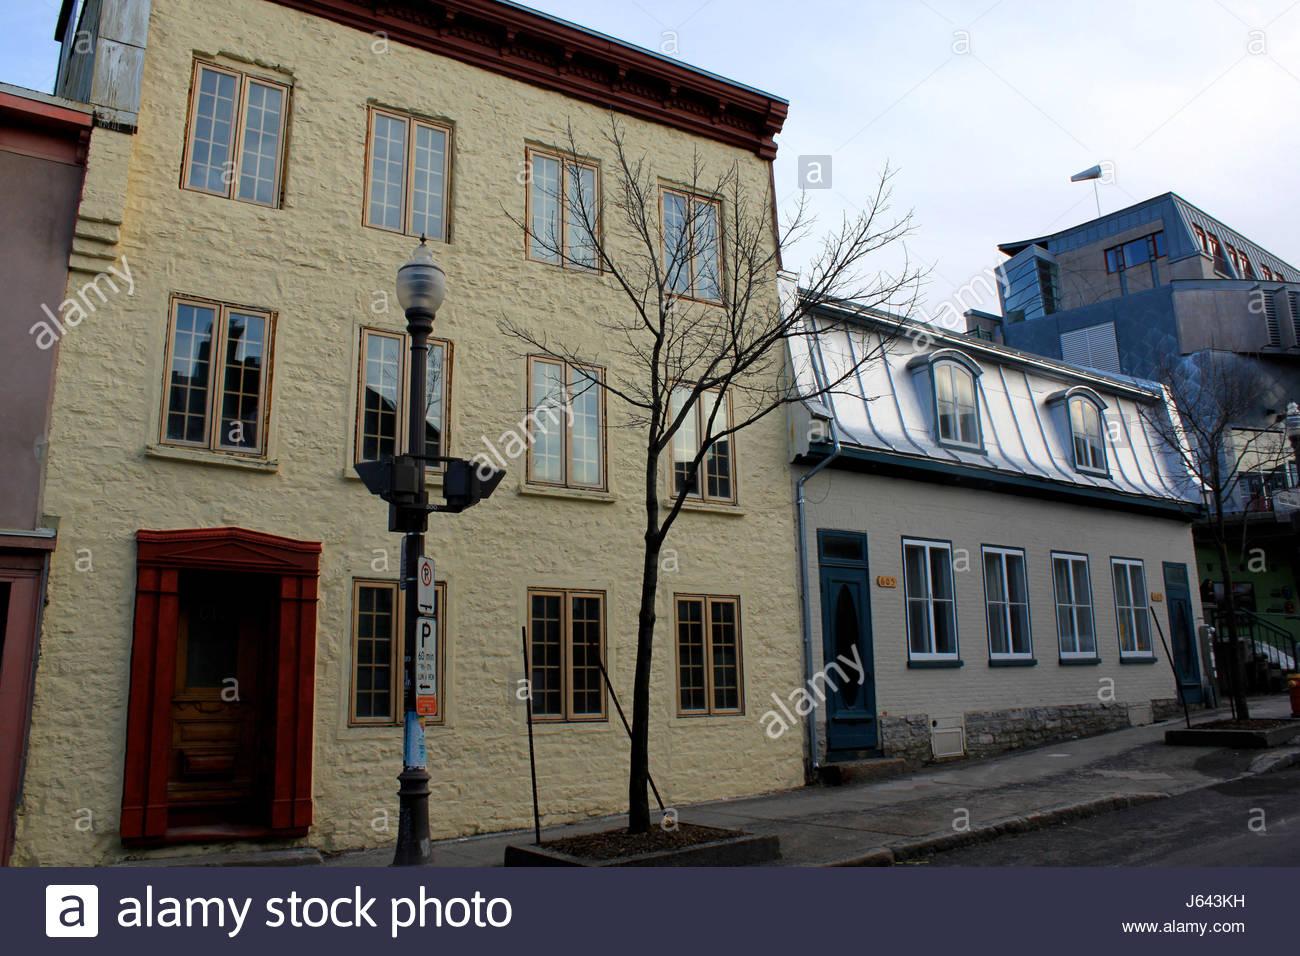 Quebec city quebec canada maison stock photos quebec for Maison ancienne